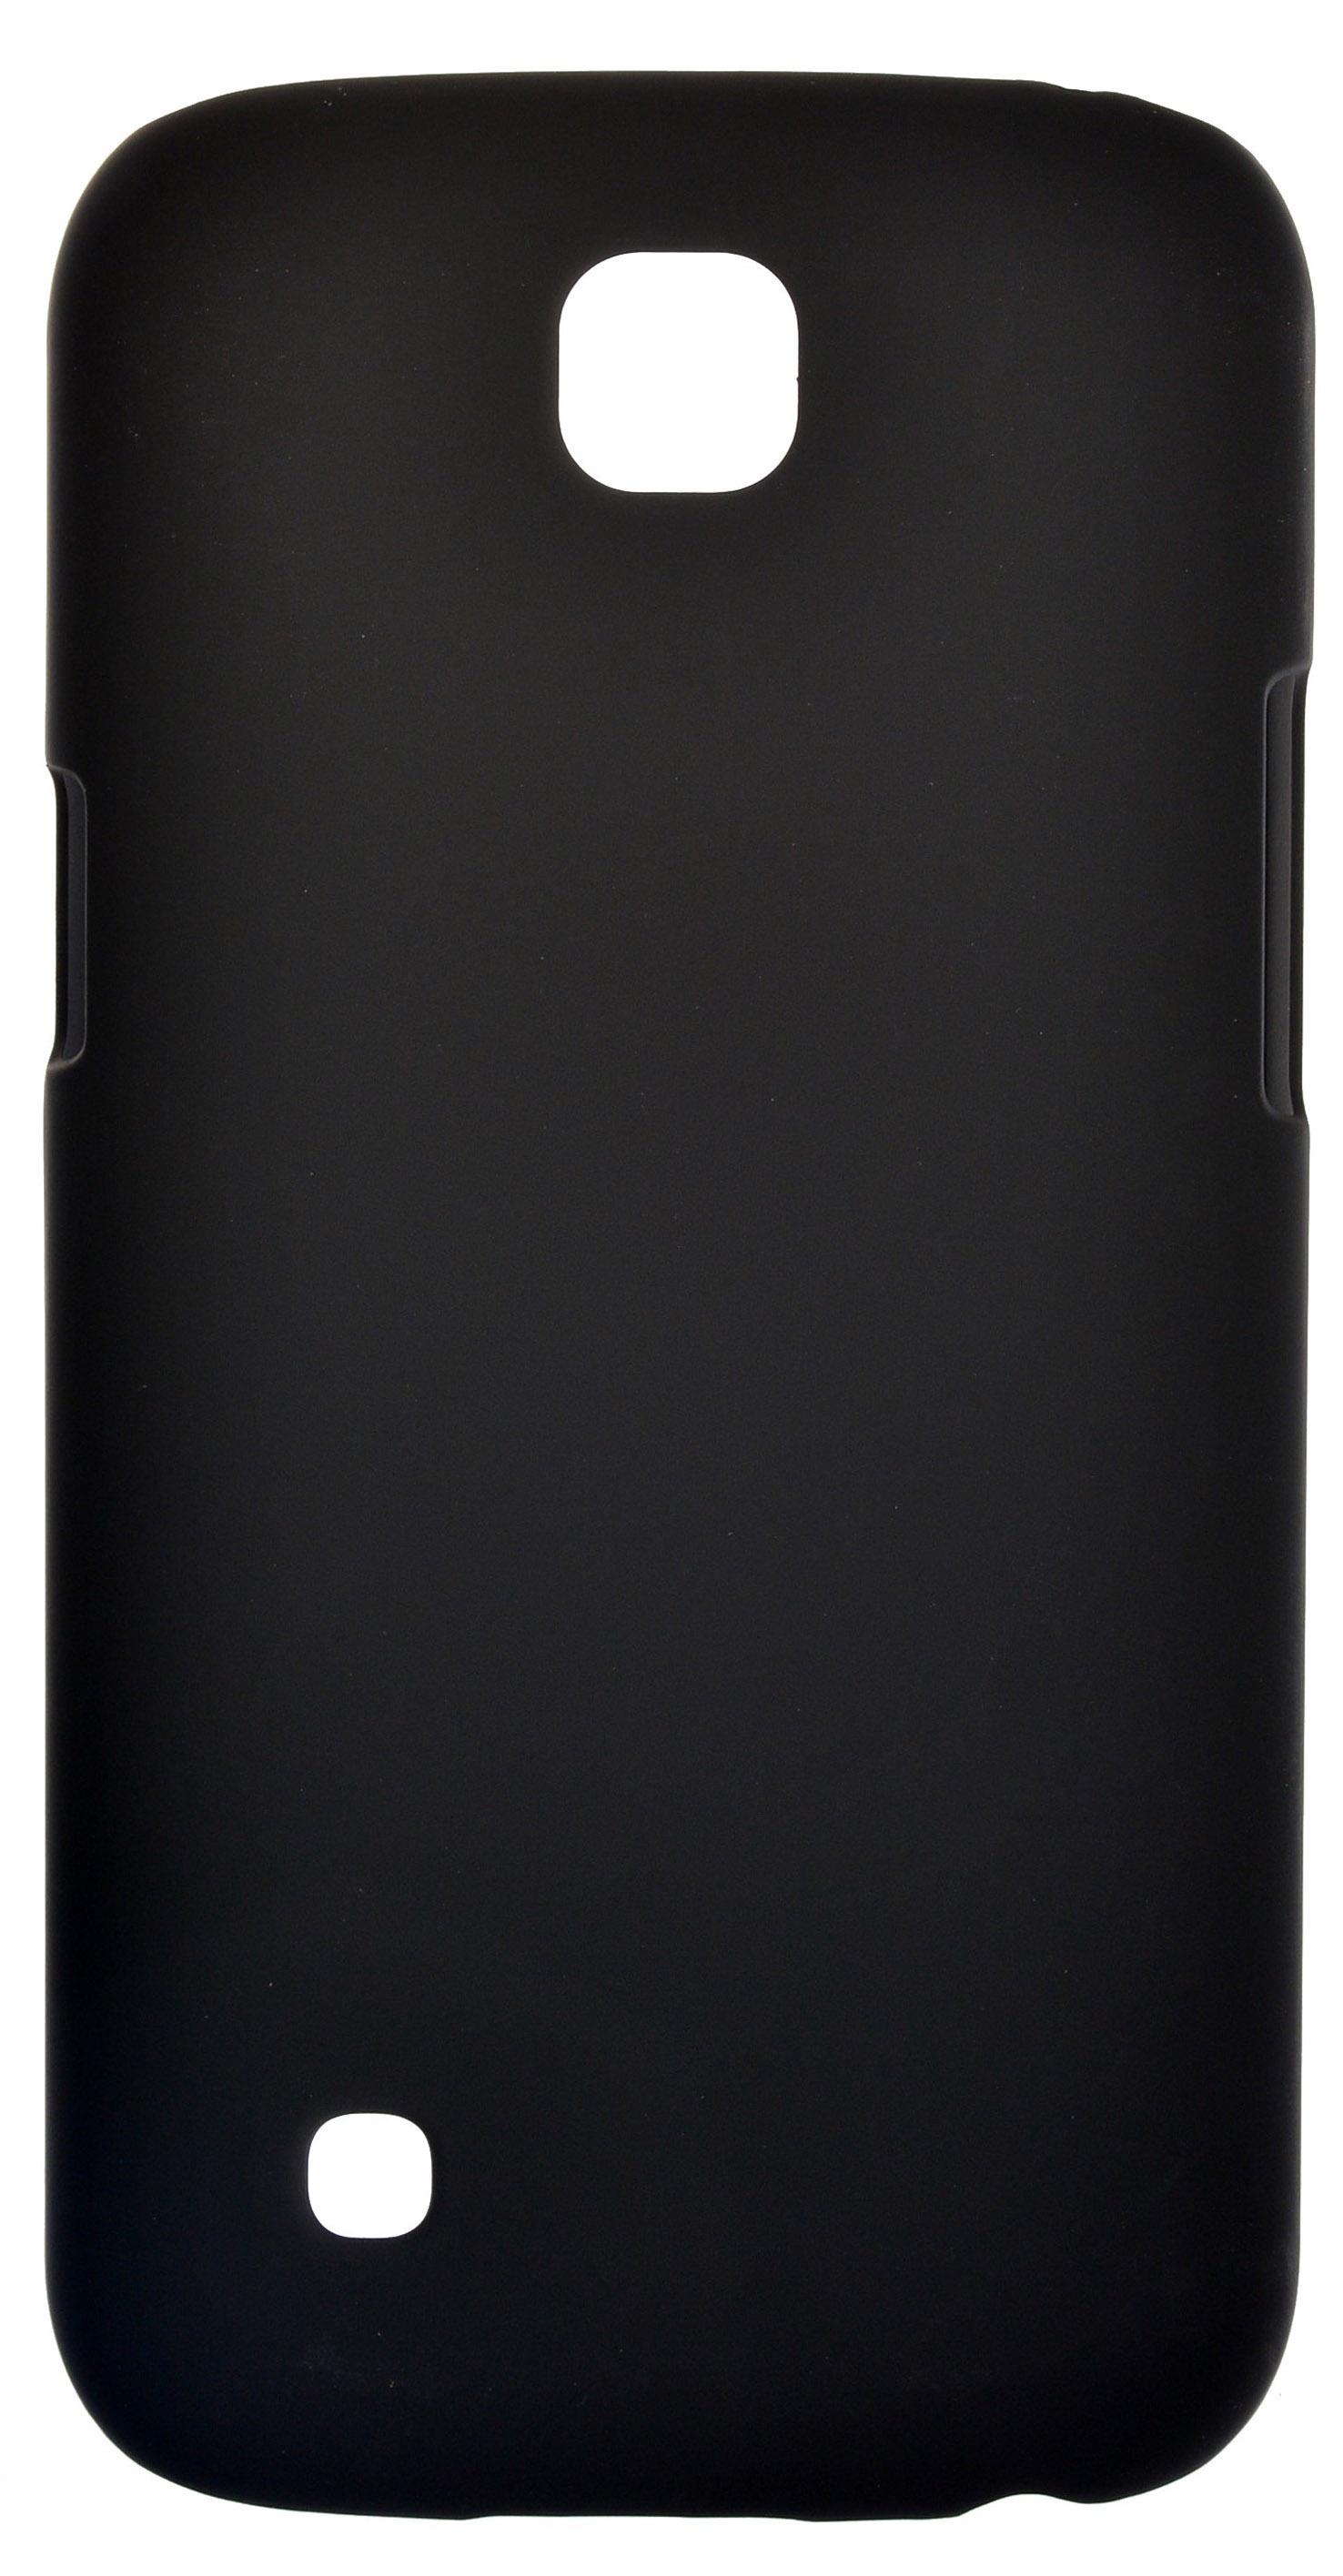 Чехол для сотового телефона skinBOX 4People, 4630042528307, черный стоимость